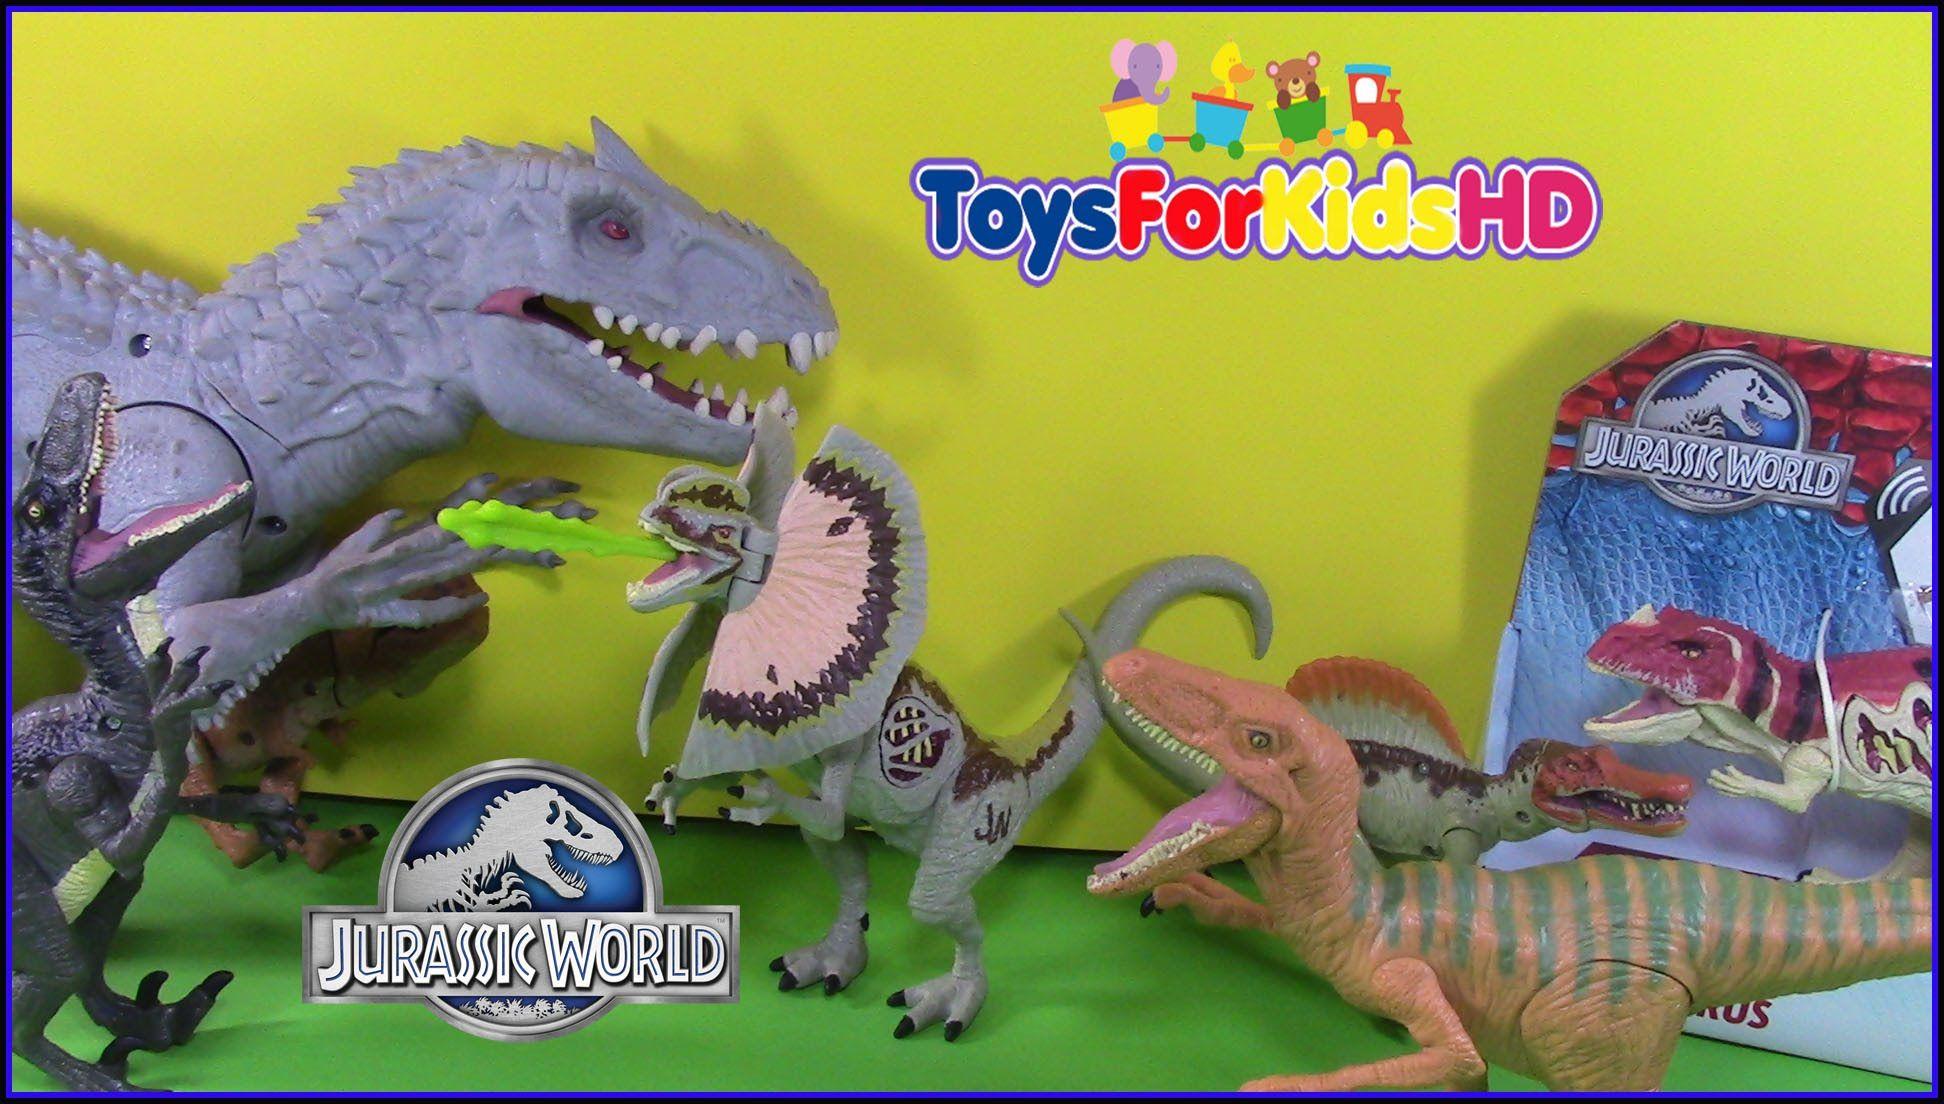 Los Dinosaurios Para Ninos De Jurassic World Juguetes De Jurassic Wo Dinosaurios Para Ninos Dinosaurios Juguetes Figuras de dinosaurios para niños, dinosaurios de juguete, dinosaurios juguetes infantiles. dinosaurios juguetes